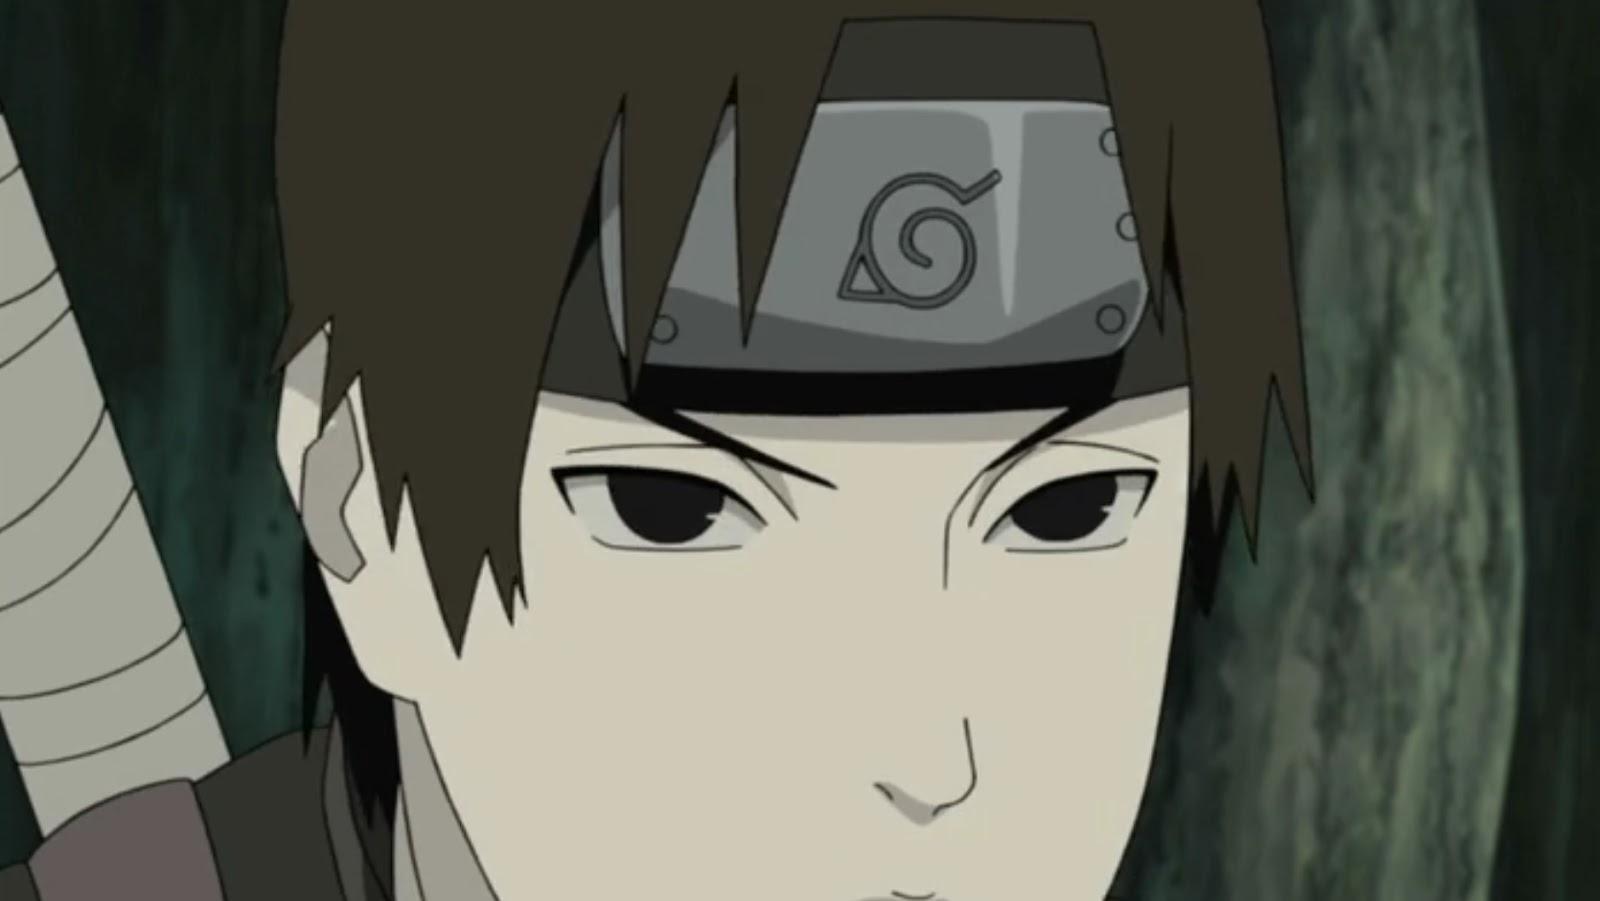 Naruto Shippuden Episódio 238, Assistir Naruto Shippuden Episódio 238, Assistir Naruto Shippuden Todos os Episódios Legendado, Naruto Shippuden episódio 238,HD